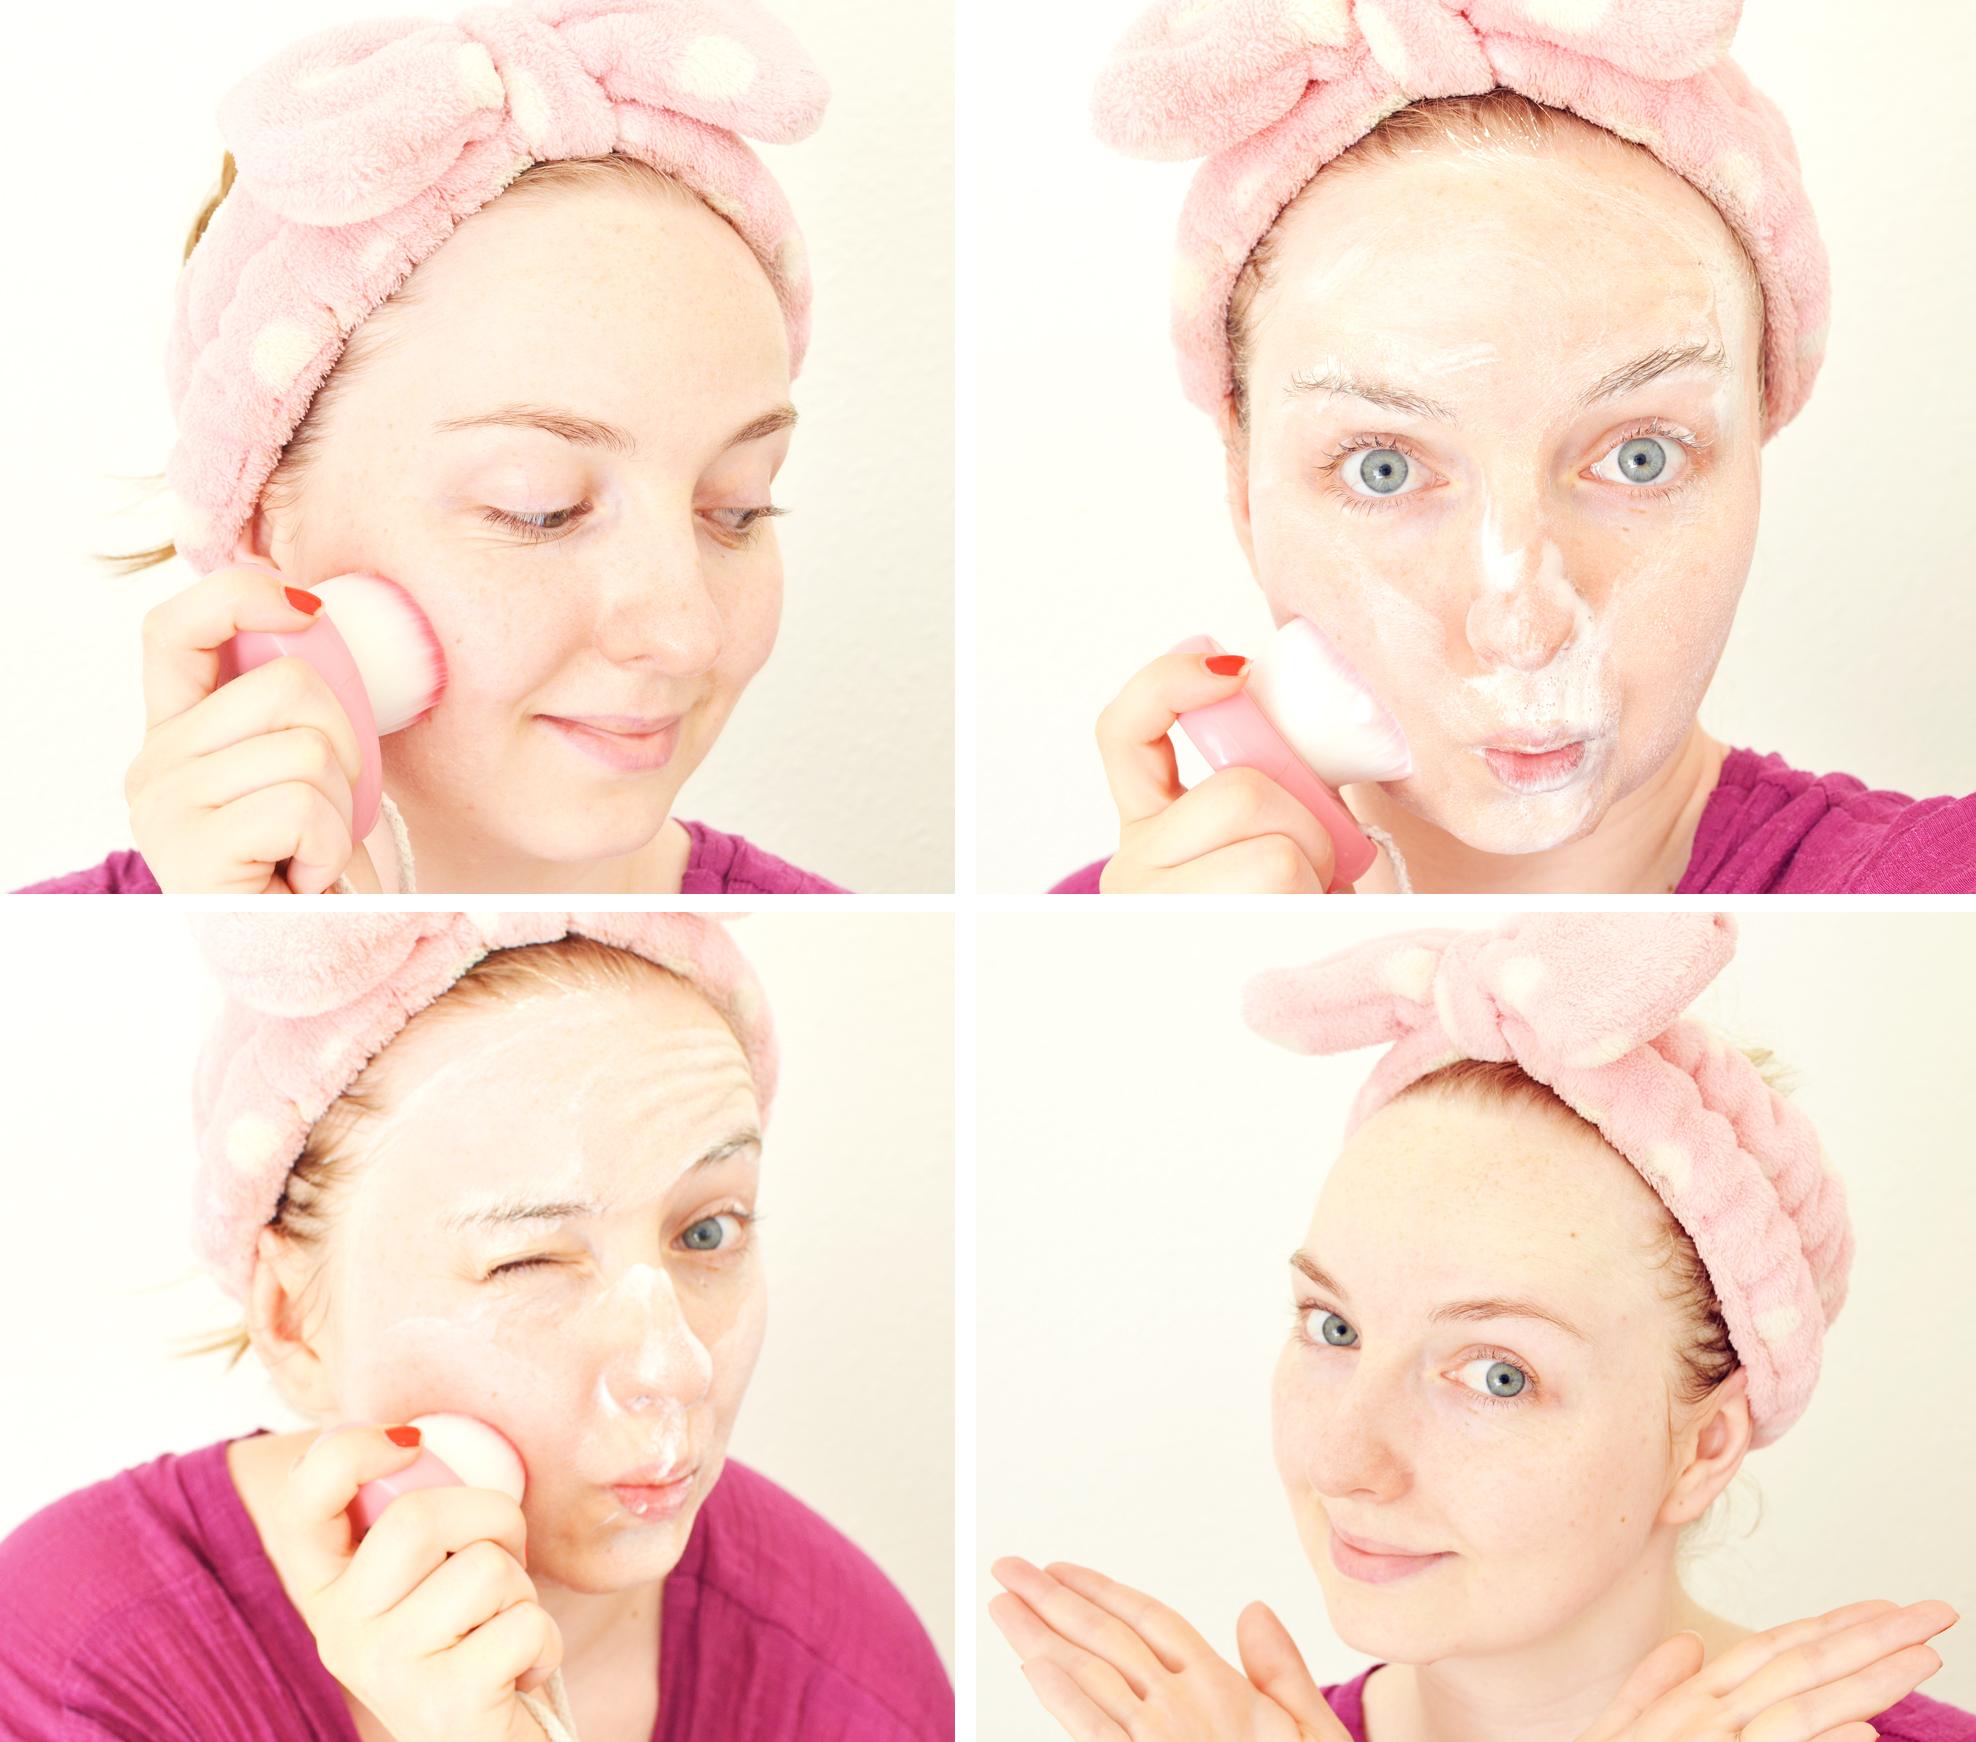 brosse-nettoyante-visage-coc-peach-avant-apres